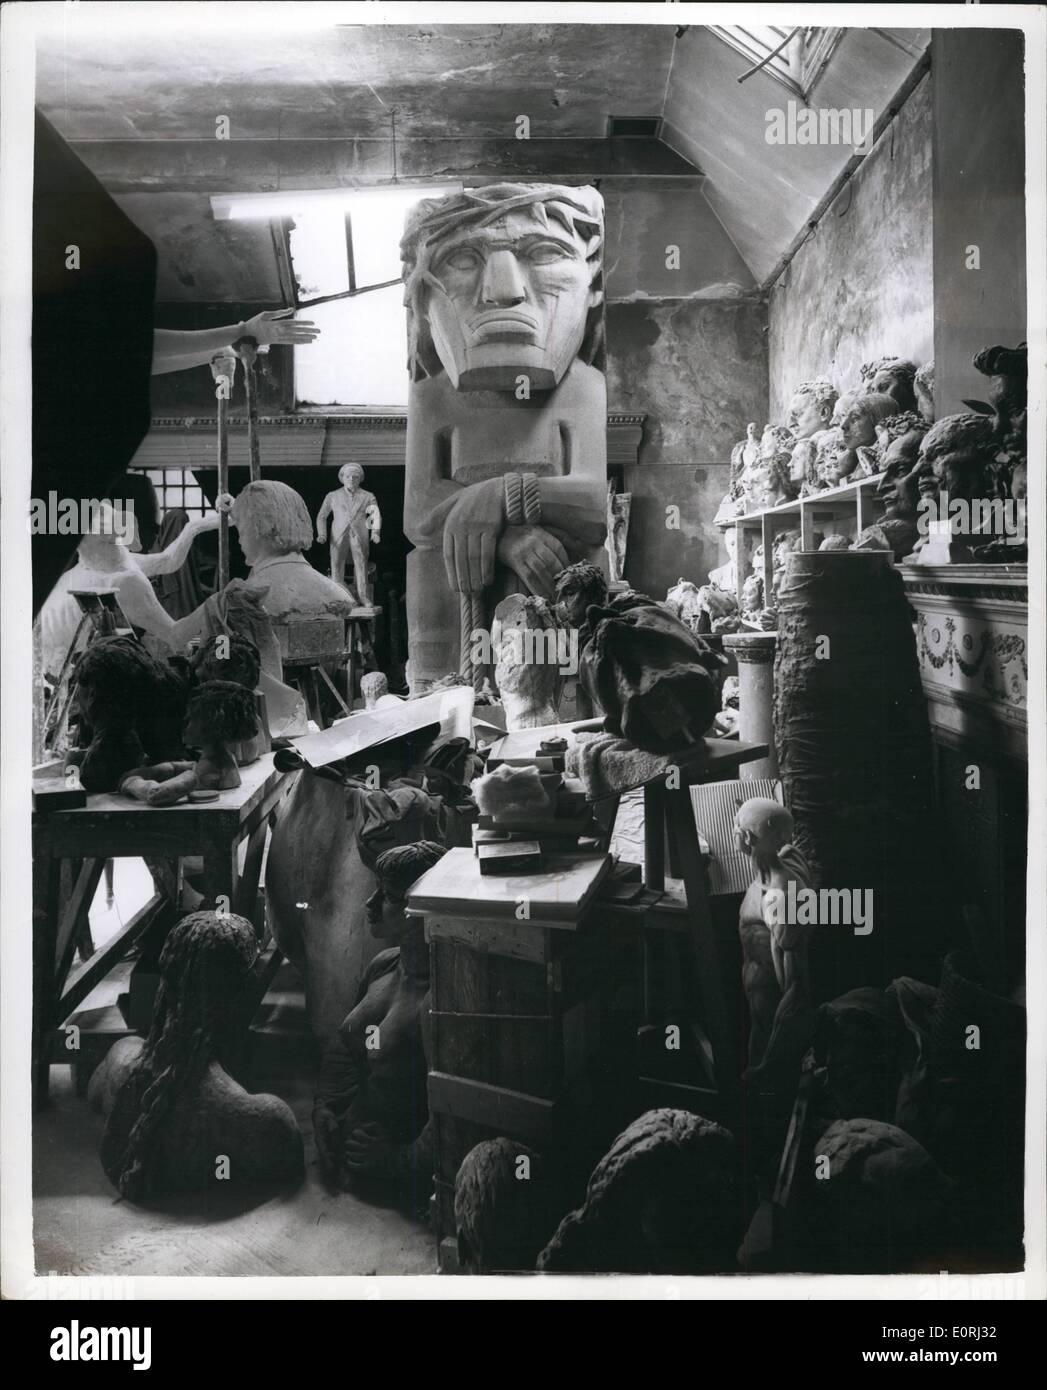 11. November 1959 - Sir Jacob Epstein Studio kann ein Denkmal geworden: Vorschläge gemacht worden, dass Hyde Park Gate Studio von der späten Sir Jacob Epstein, der Bildhauer in einer ständigen Gedenkstätte umgewandelt werden soll. Gipsabgüsse von einigen der berühmtesten Werke würde beibehalten werden dort als Anschauungsunterricht für Studenten etc.. Foto zeigt siehe der Mann ist einer der prominentesten Figuren im Studio. Stockbild